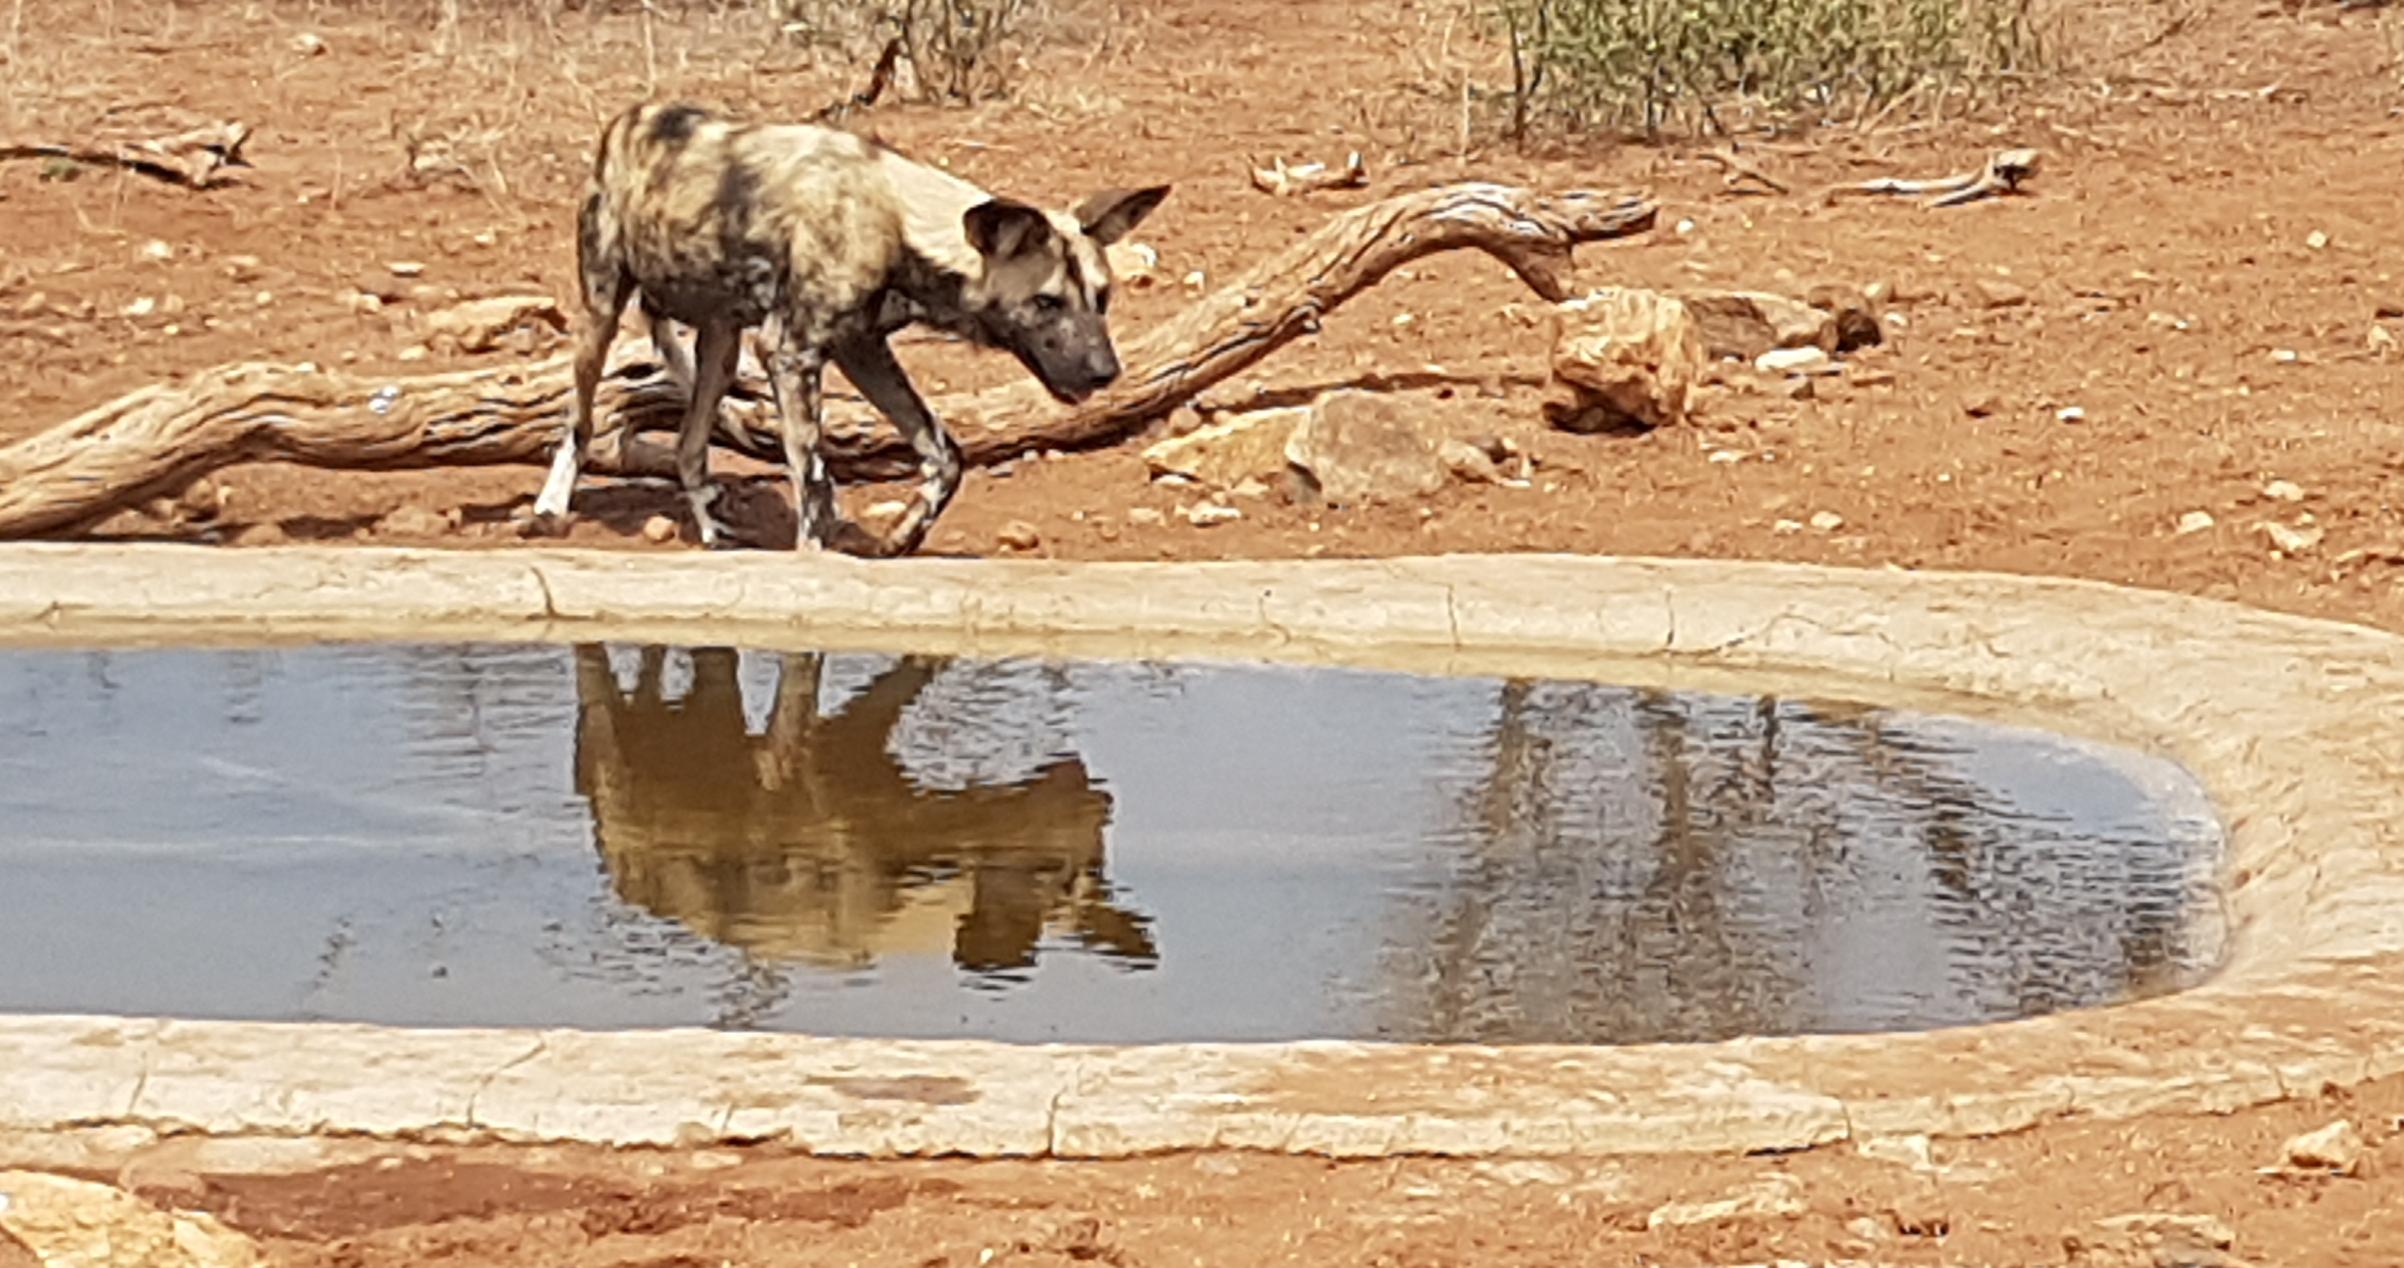 Wildhunde am Wasserloch - Auf Patrouille im Balule Nature Reserve in Südafrika auf Freiwilligen Arbeit